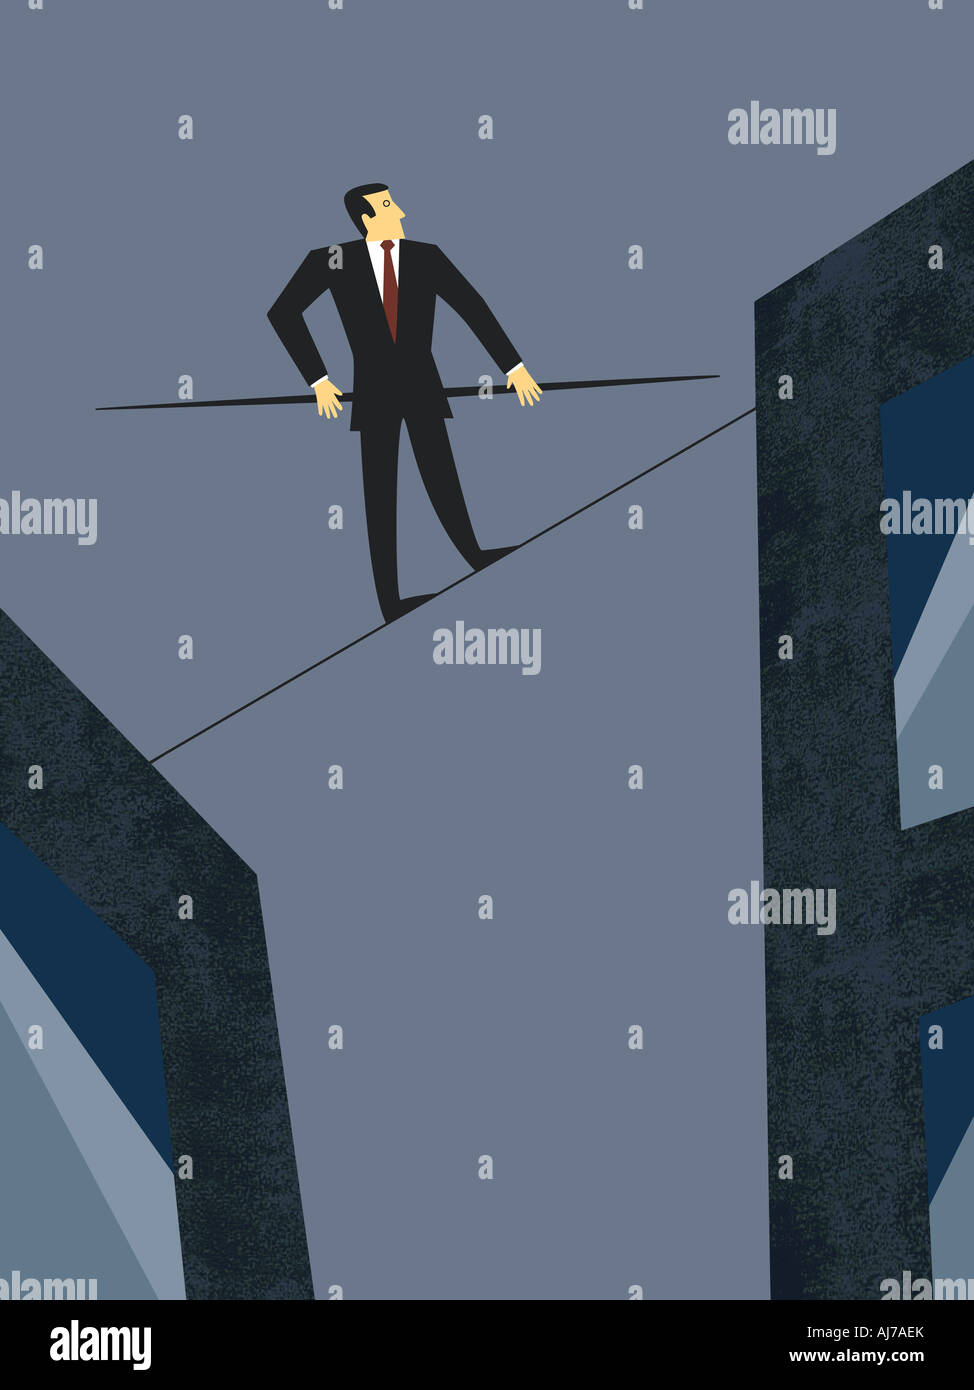 Bilanciamento del business - Atto esecutivo maschio camminando sulla fune Immagini Stock